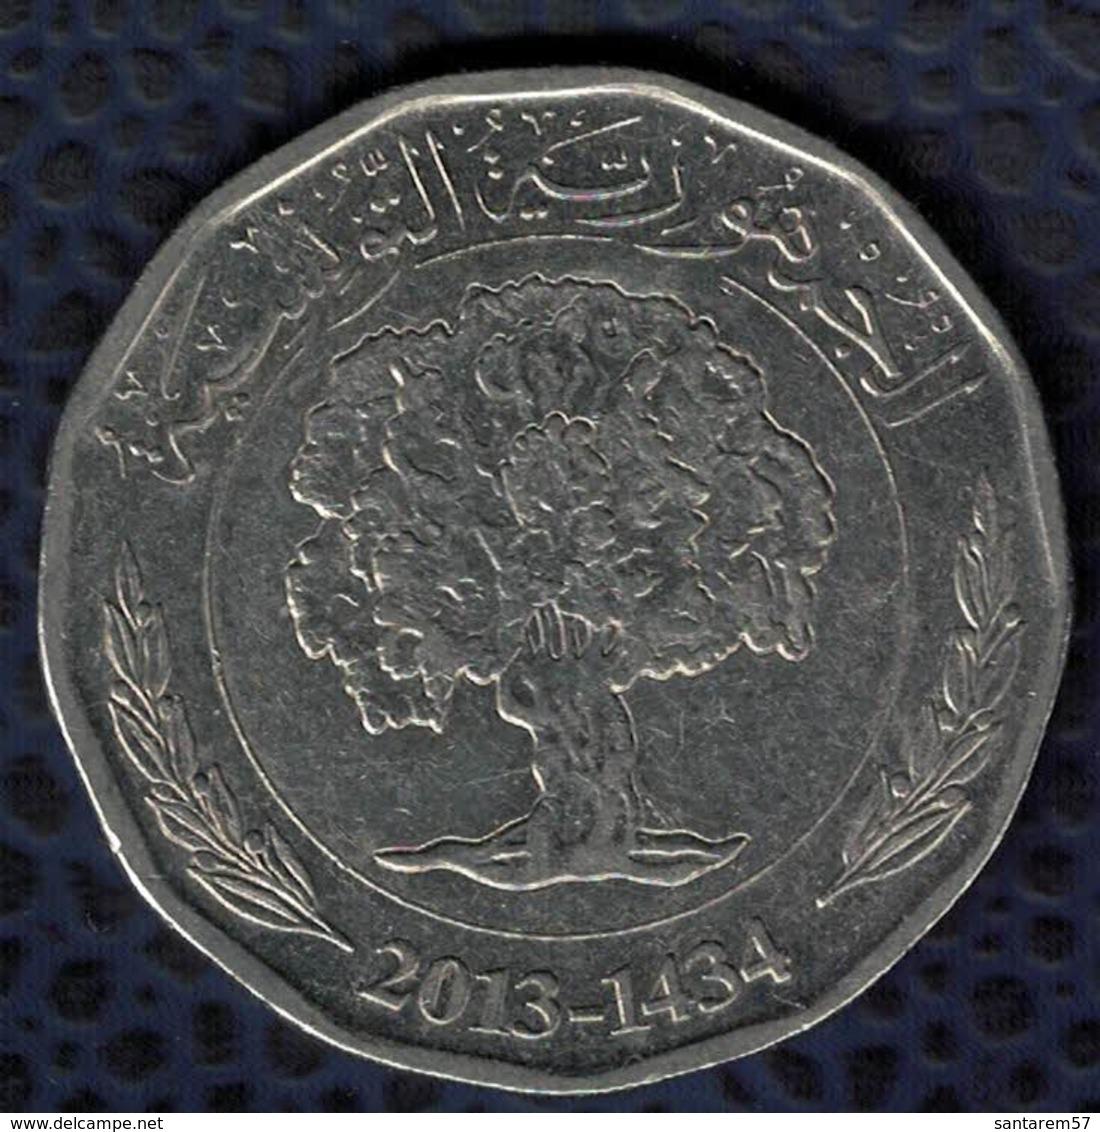 Tunisie 2013 Pièce De Monnaie Coin 2 Dinars Tunisiens Arbre 2013 - 1434 SU - Tunisie